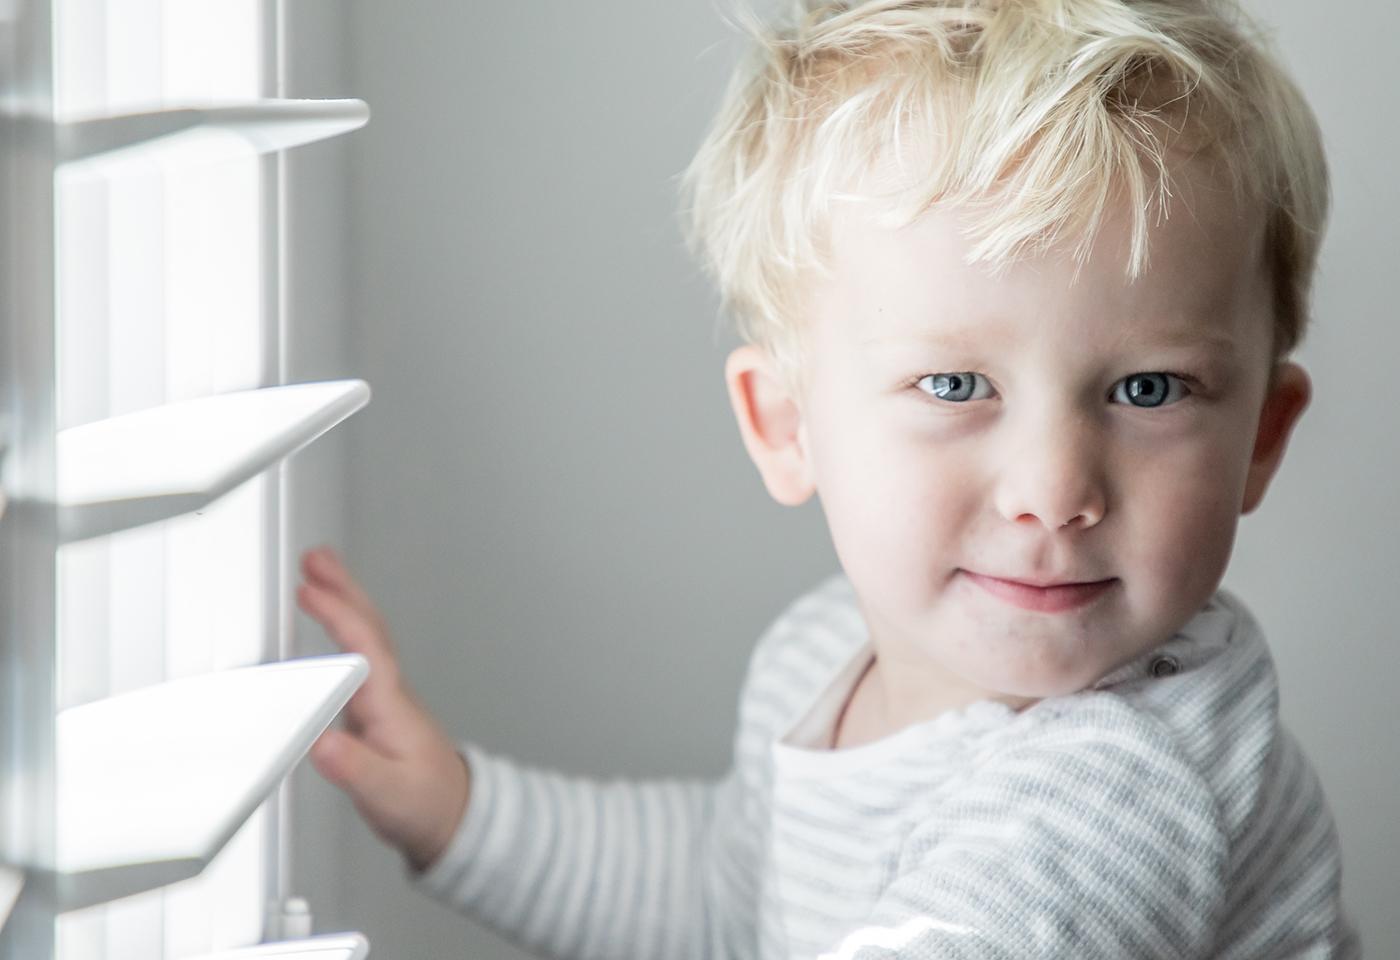 boy at blind portrait image